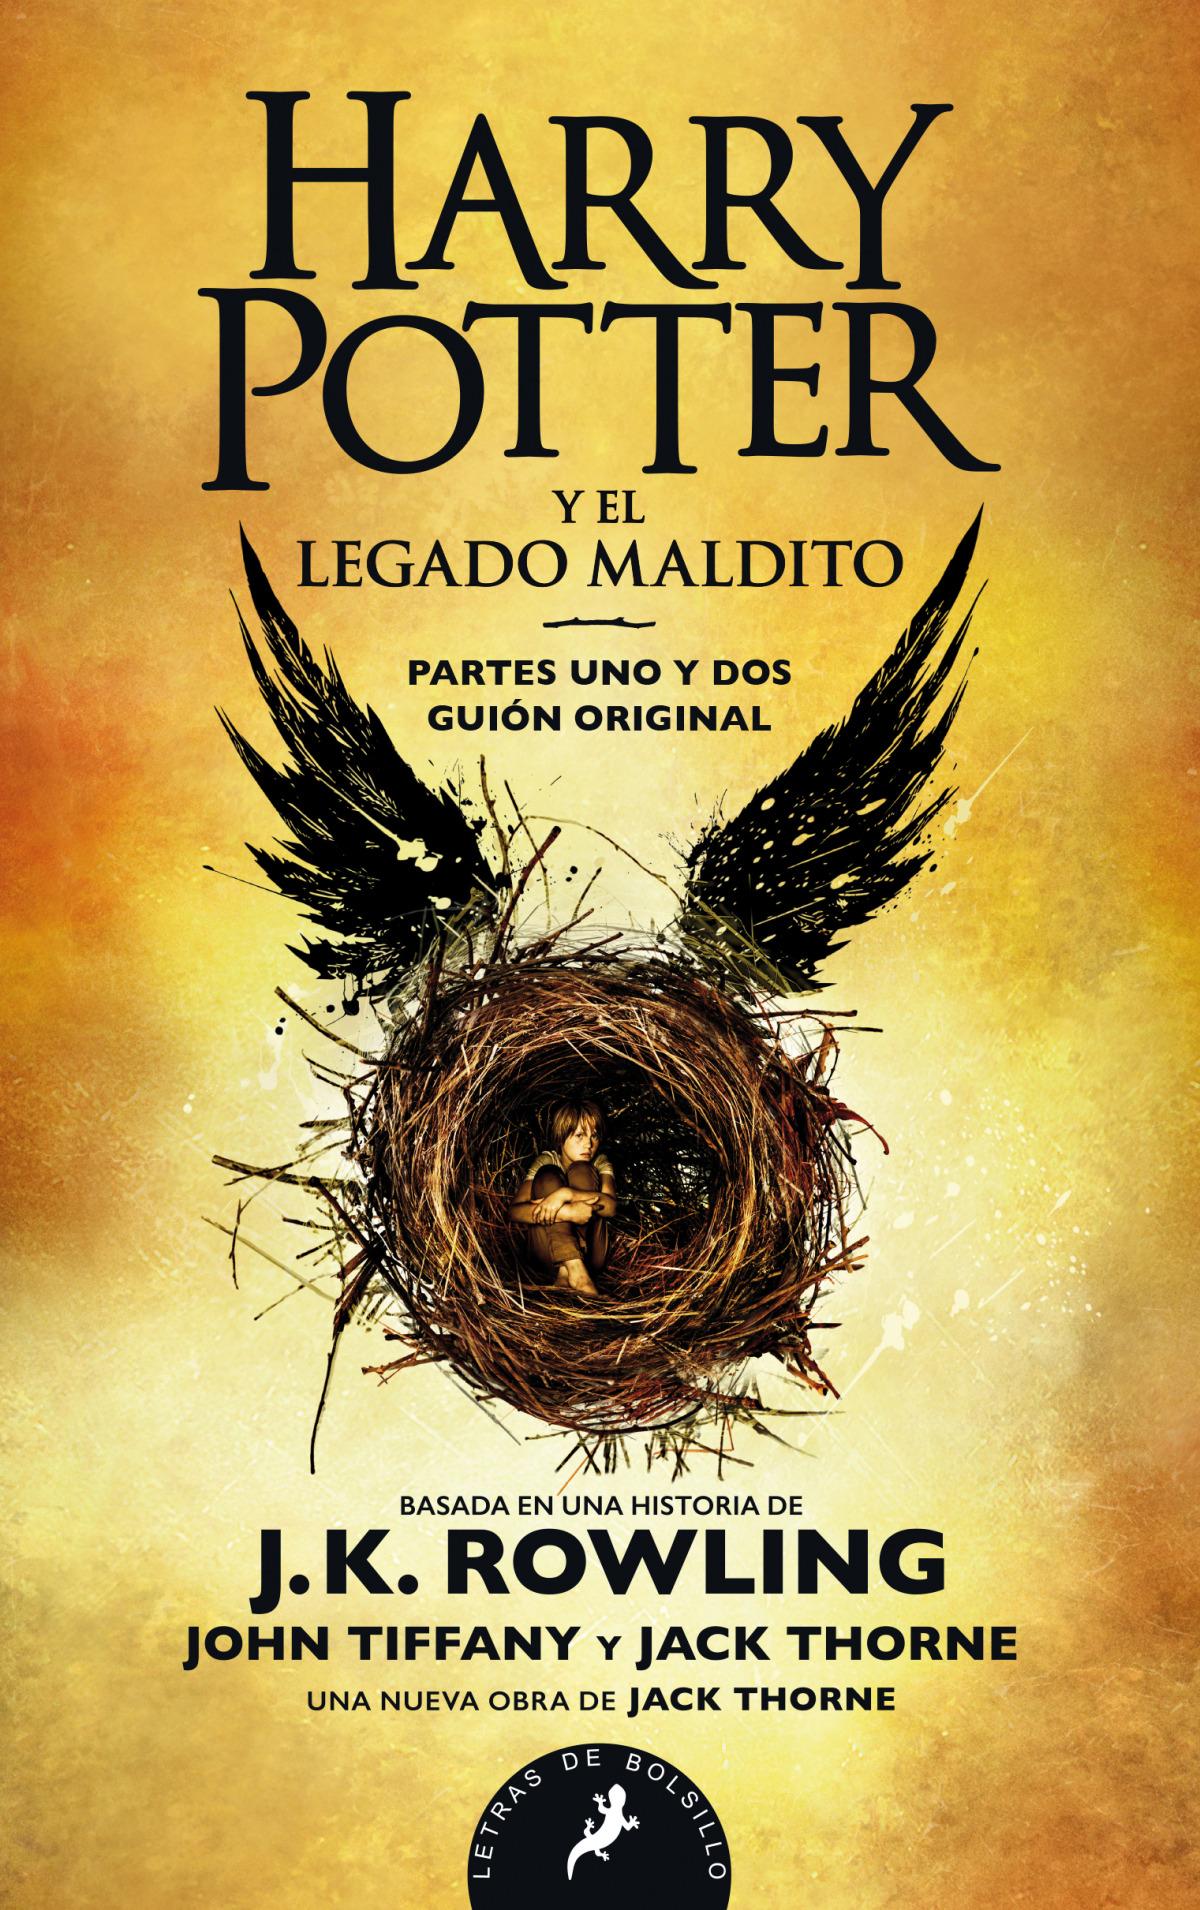 HARRY POTTER Y EL LEGADO MALDITO 9788498388473